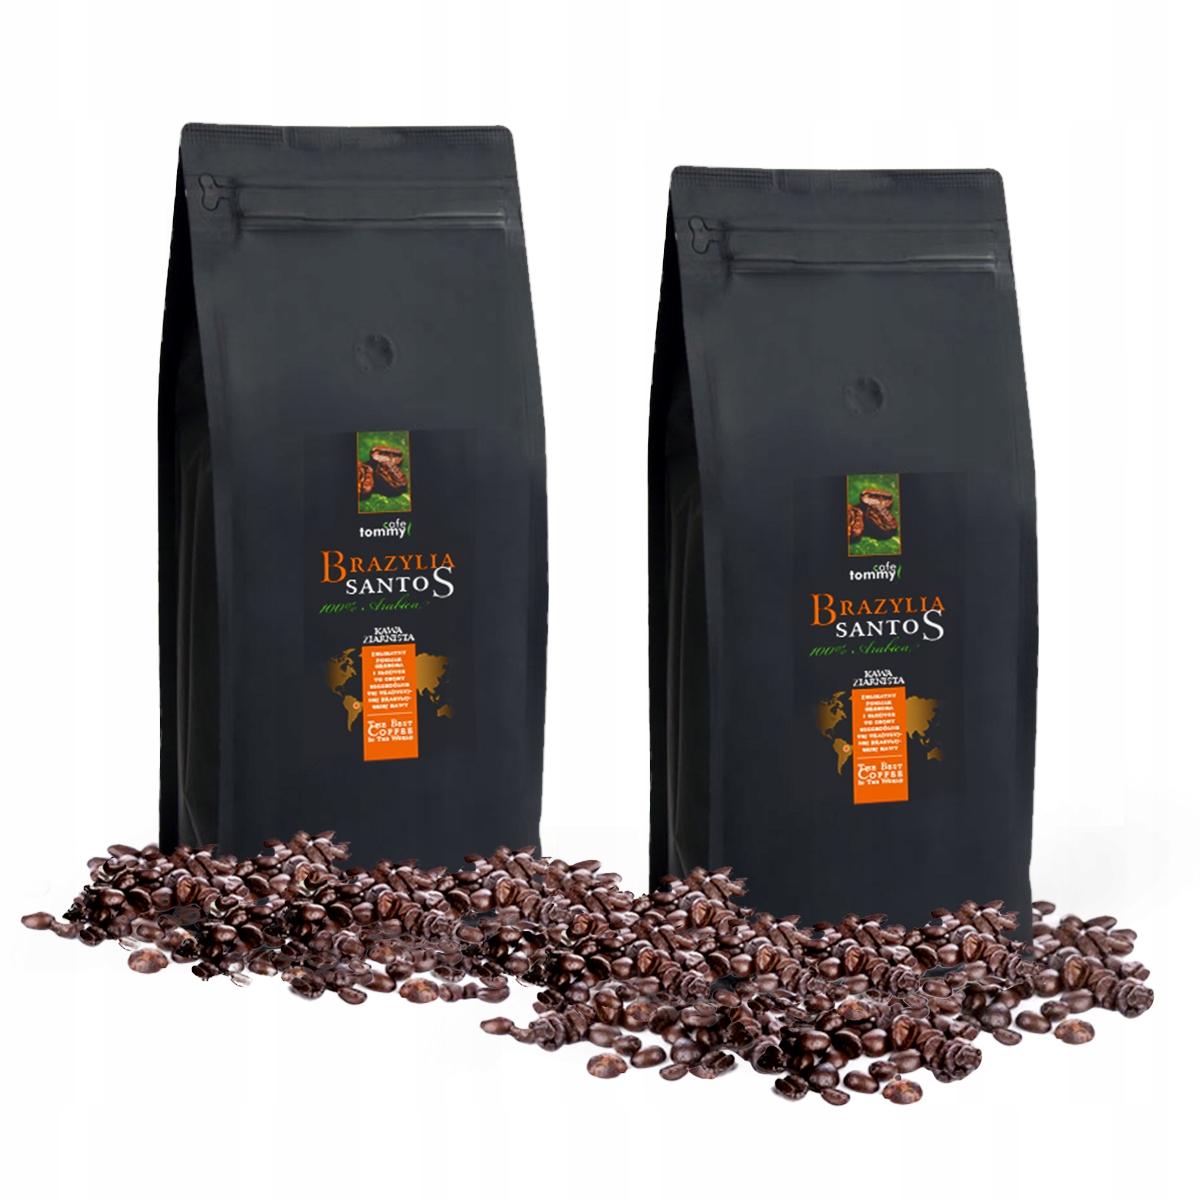 Кофе Brazil Santos 2 кг свежеобжаренной арабики 100%